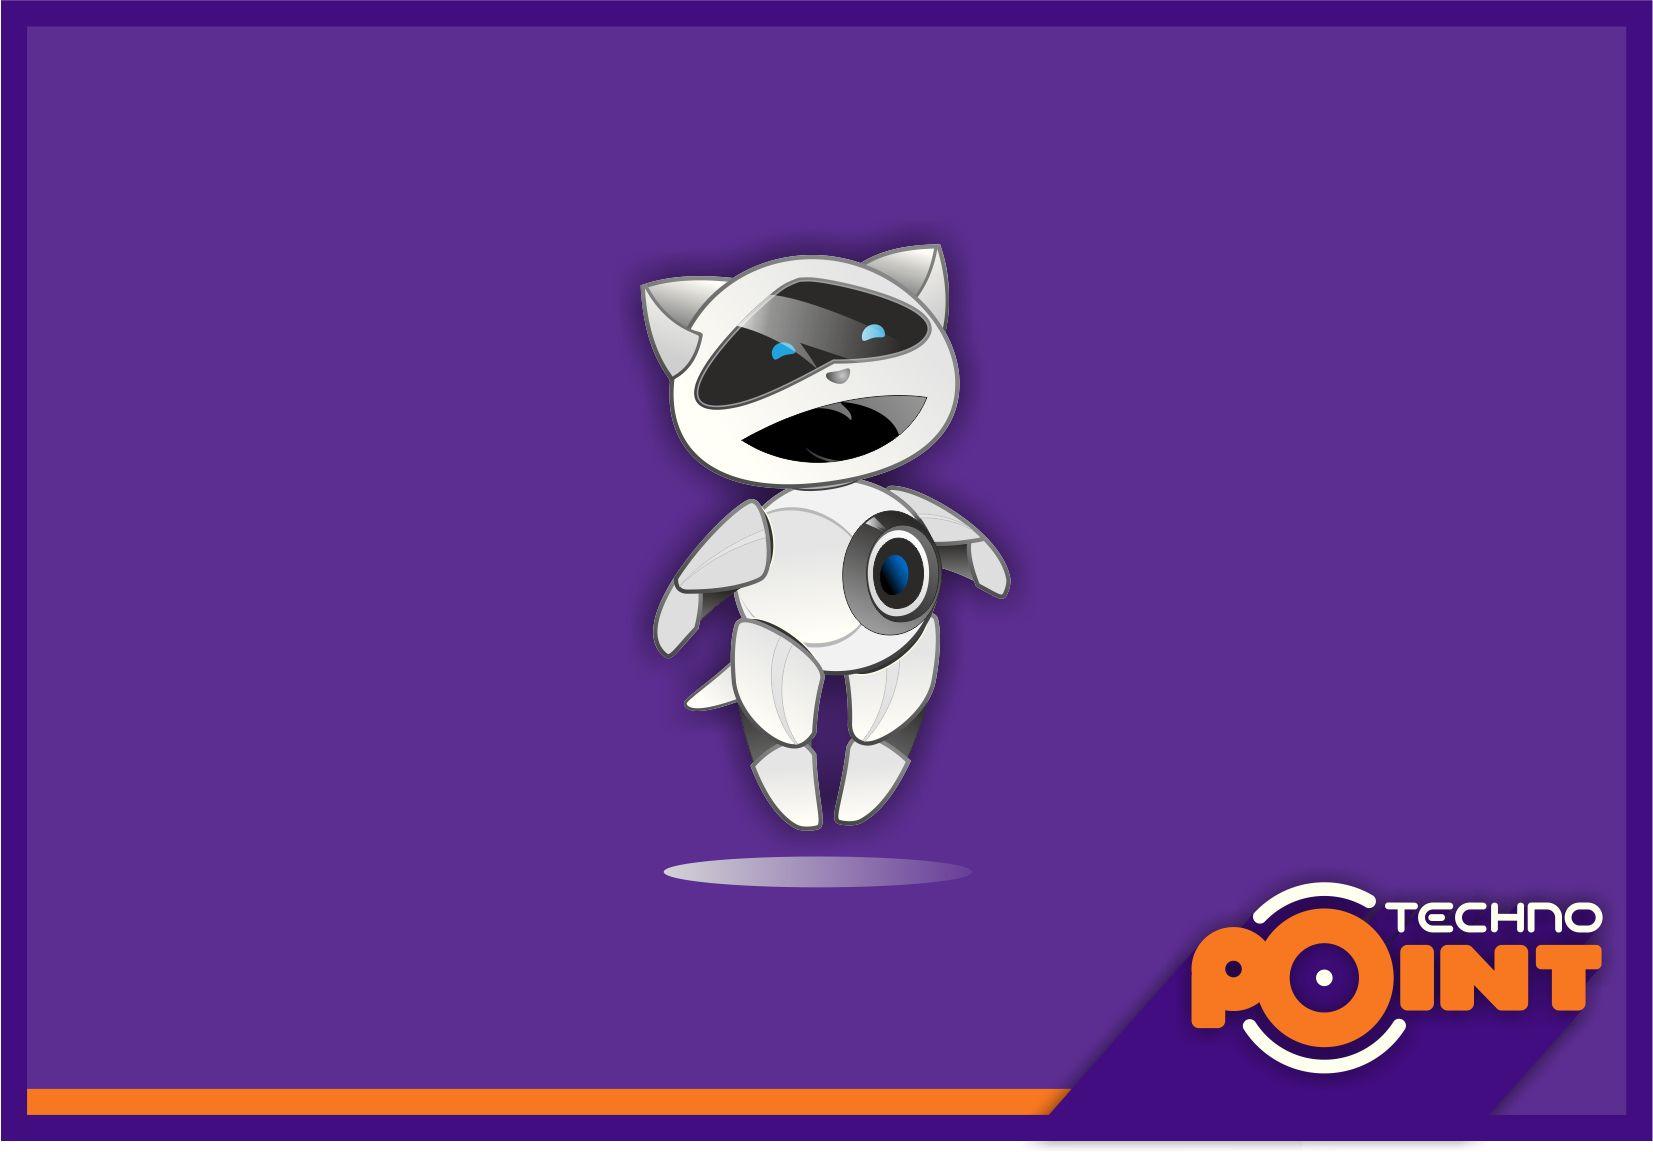 Фирменный персонаж компании - дизайнер La_persona